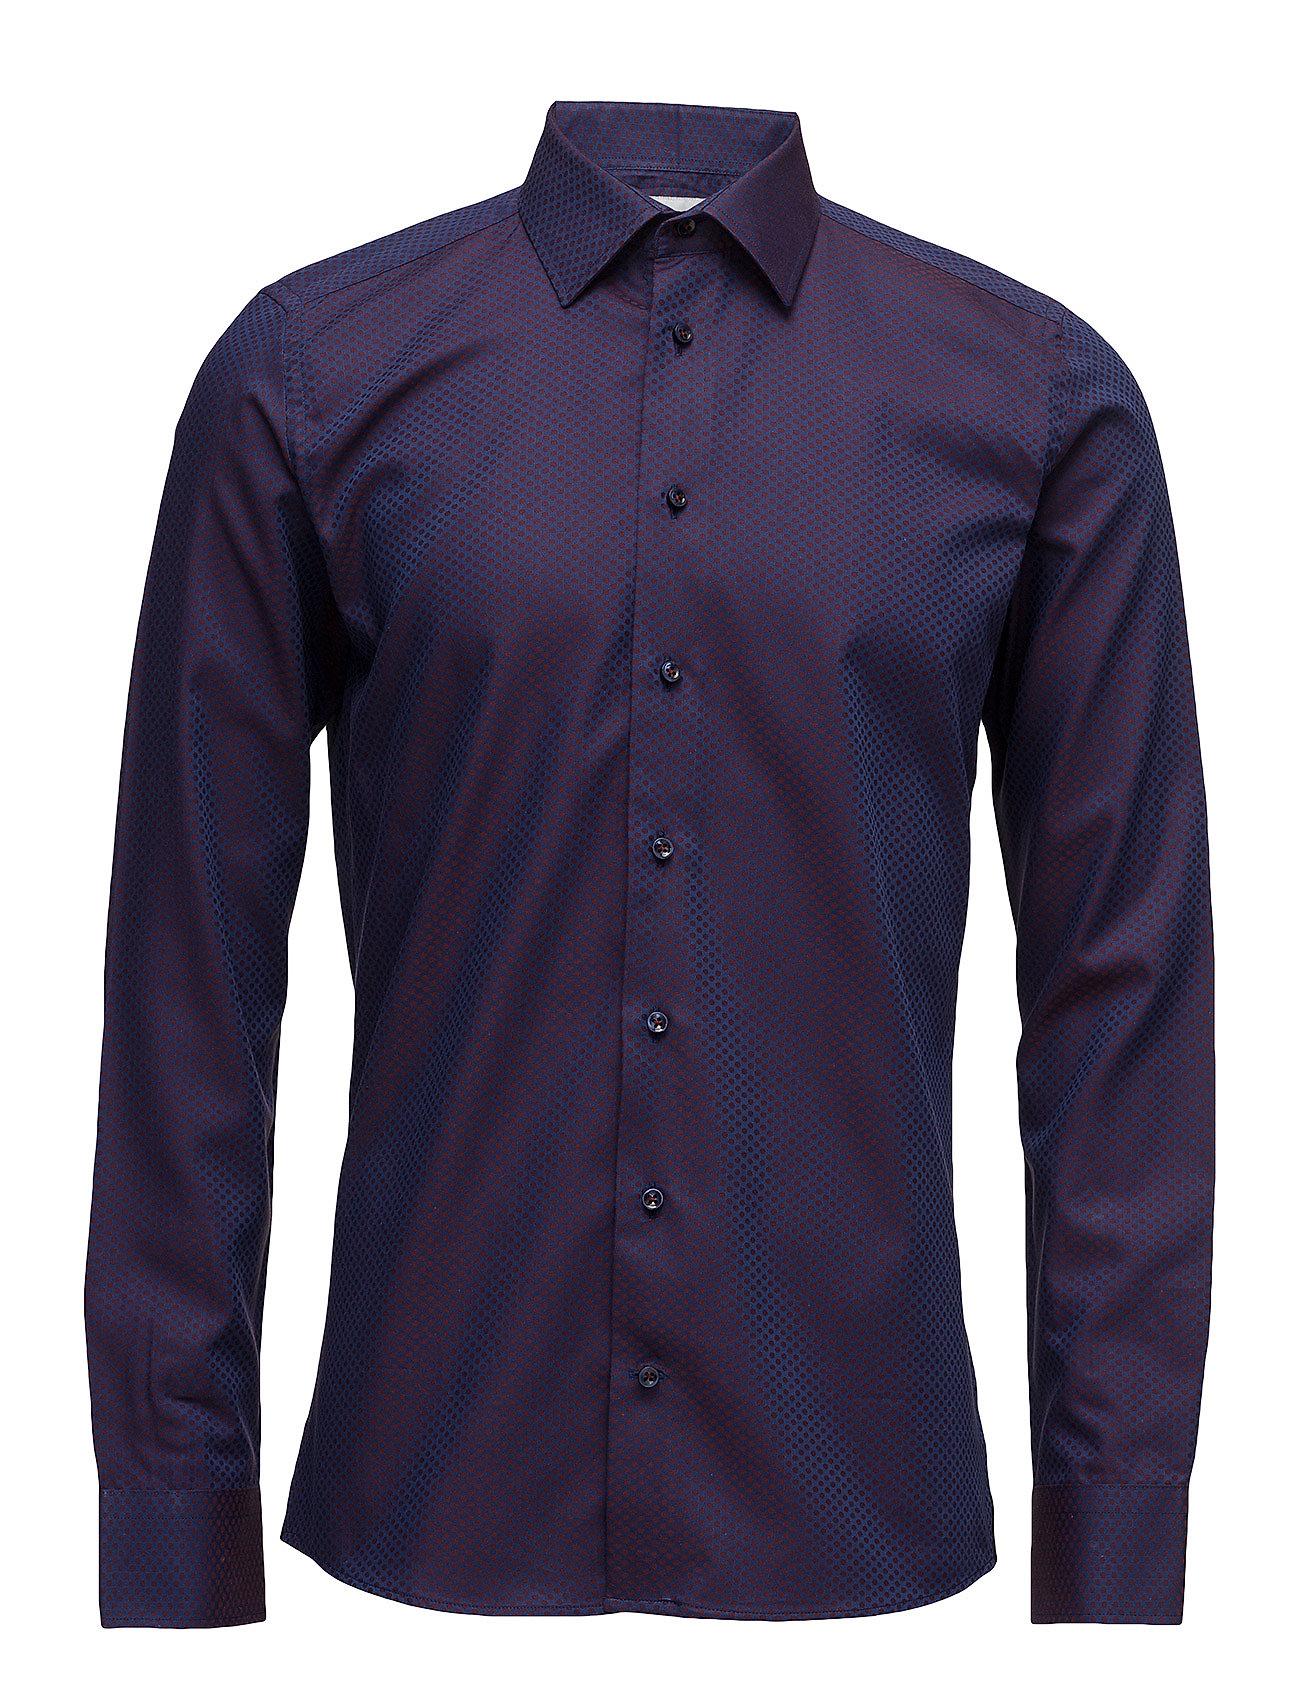 xo shirtmaker – 8826 - jake sc på boozt.com dk